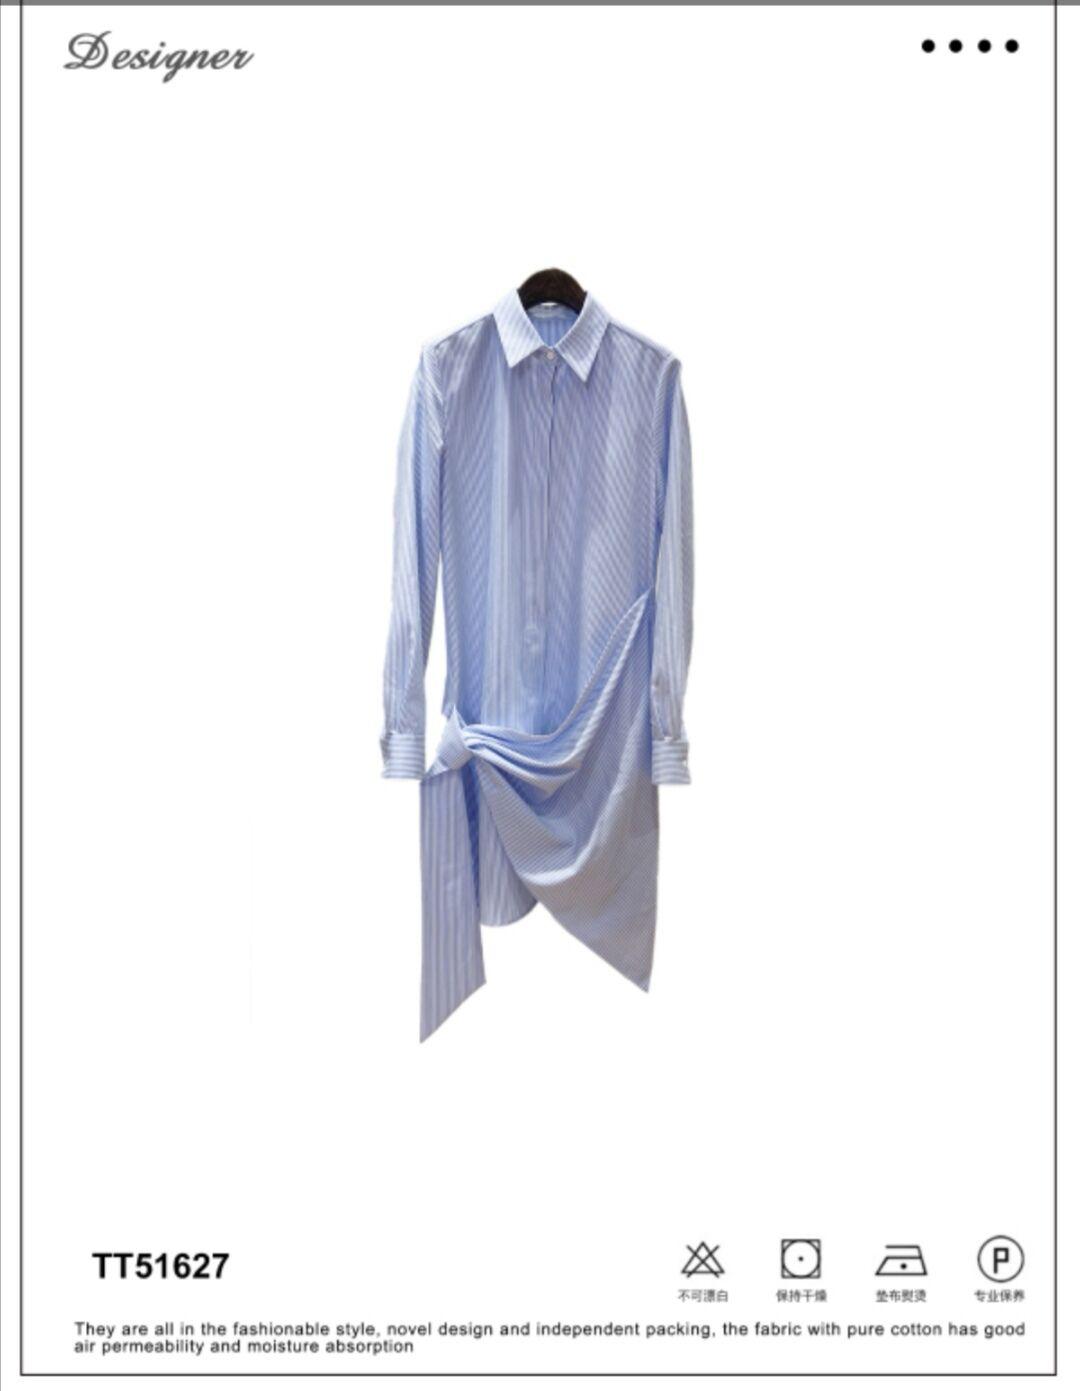 轻奢女装设计师品牌专柜精品上衣TT51627